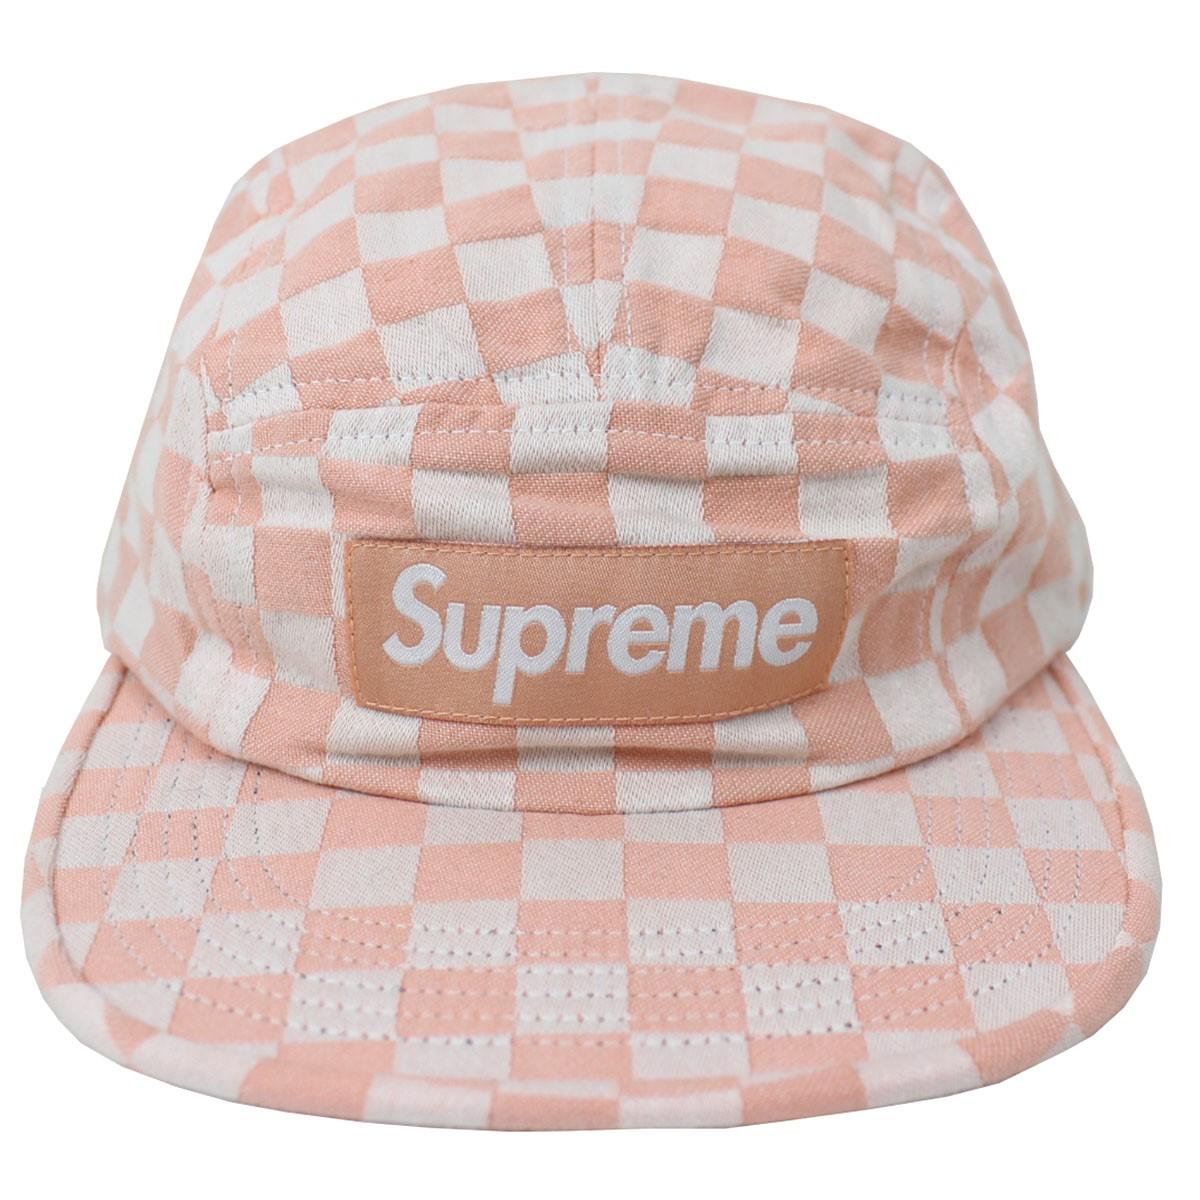 【中古】SUPREME Checkerboard Camp Cap 18SS キャップ 帽子 ピンク、ホワイト サイズ:- 【130319】(シュプリーム)